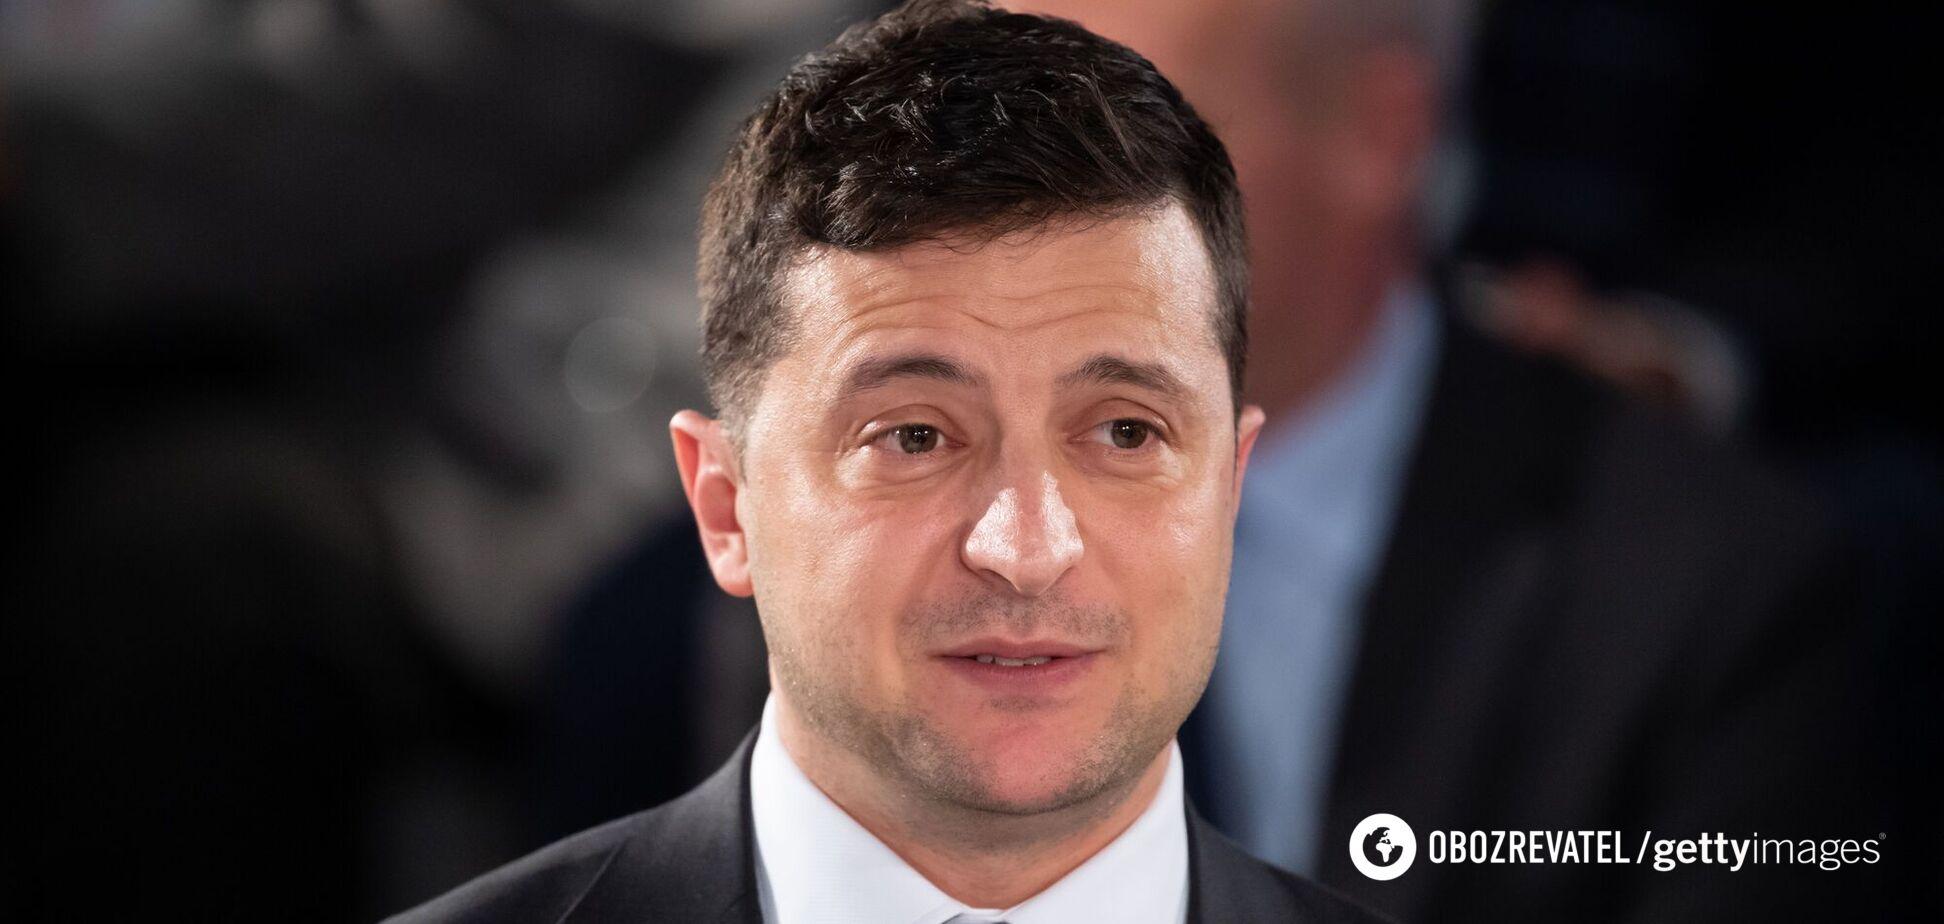 Зеленский обратился к украинцам из-за локдауна и вакцинации. Видео